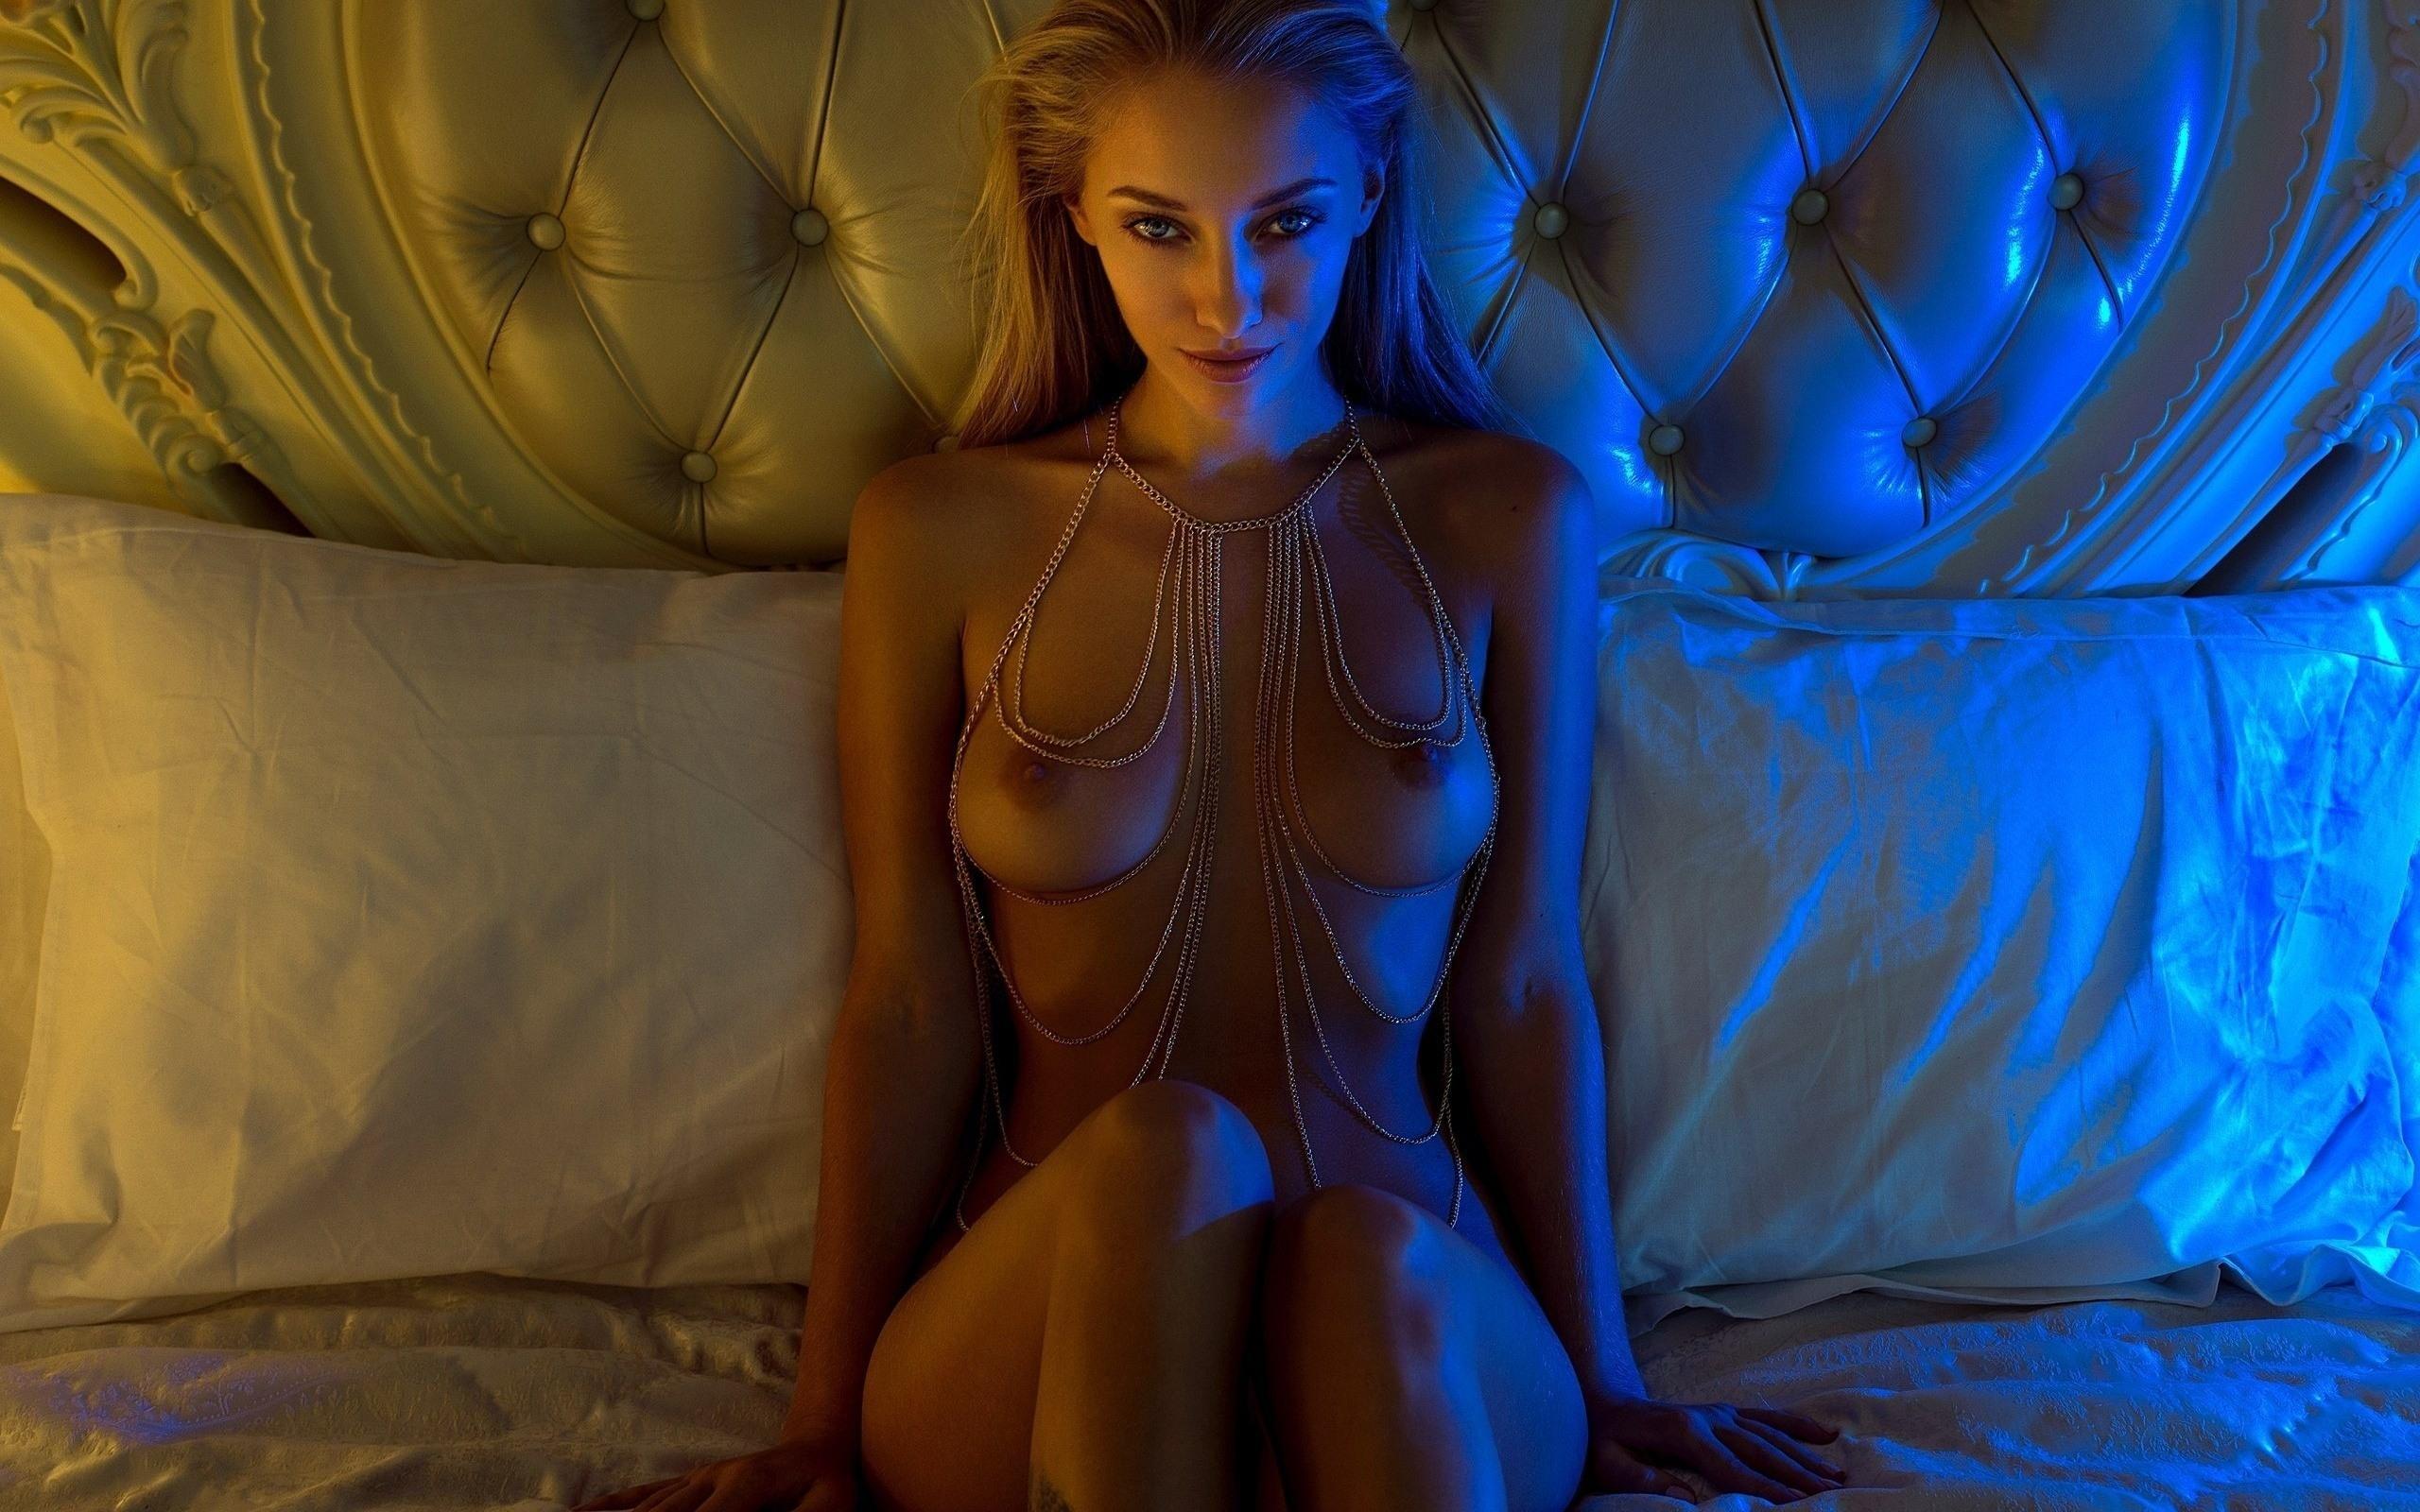 Фото Соблазнительная девушка голышом в постели, красивая натуральная грудь, сексуальный взгляд, бусы, скачать картинку бесплатно